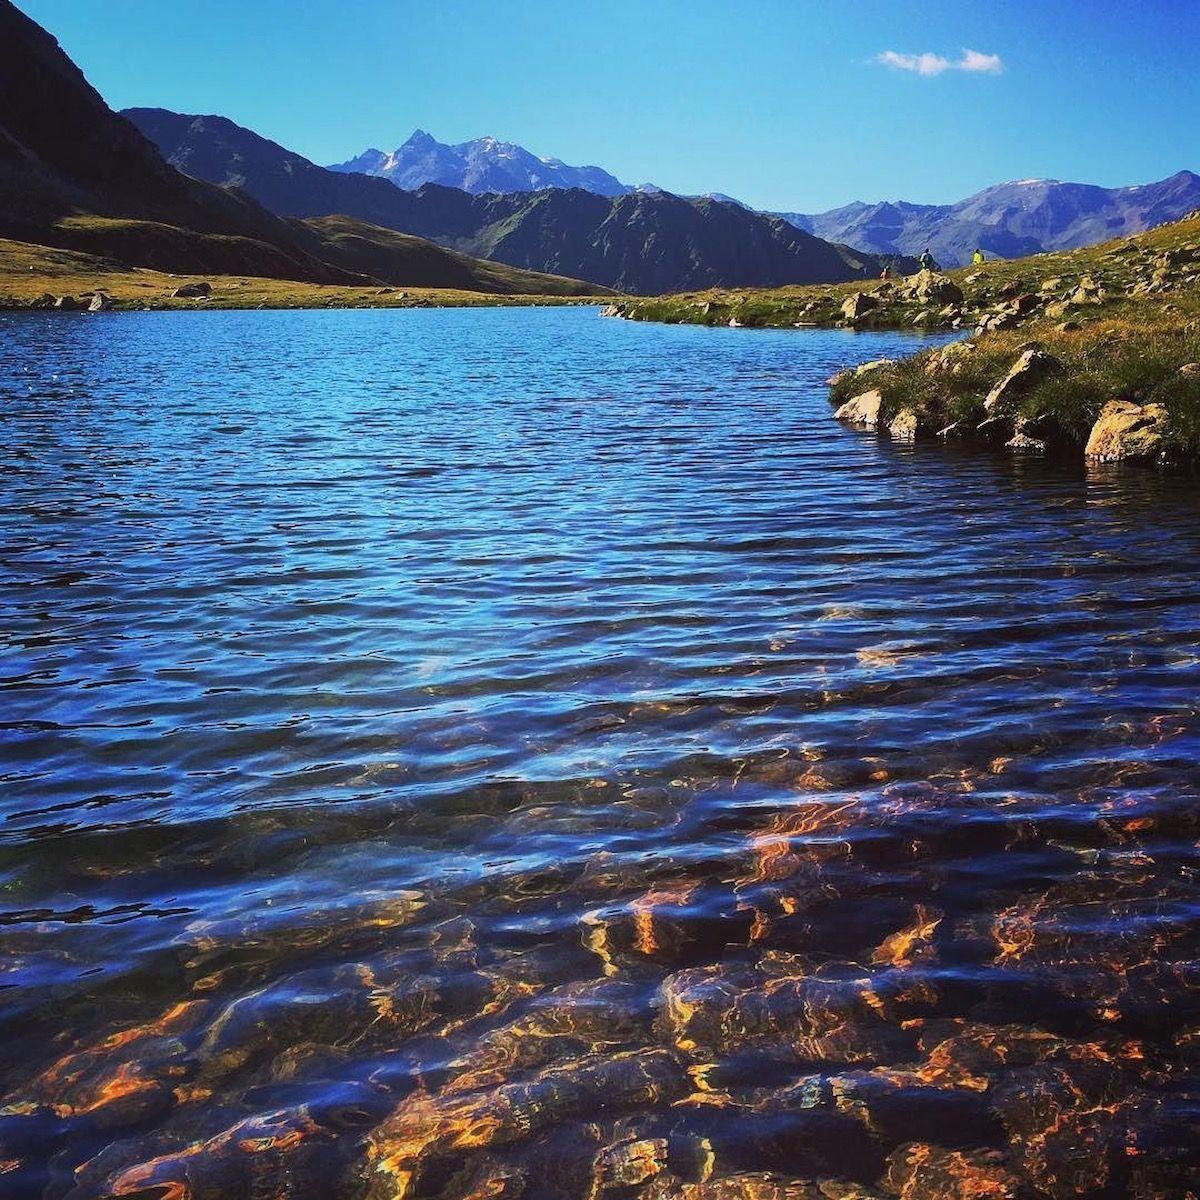 laghi nelle maddalene-val di non-lago trenta